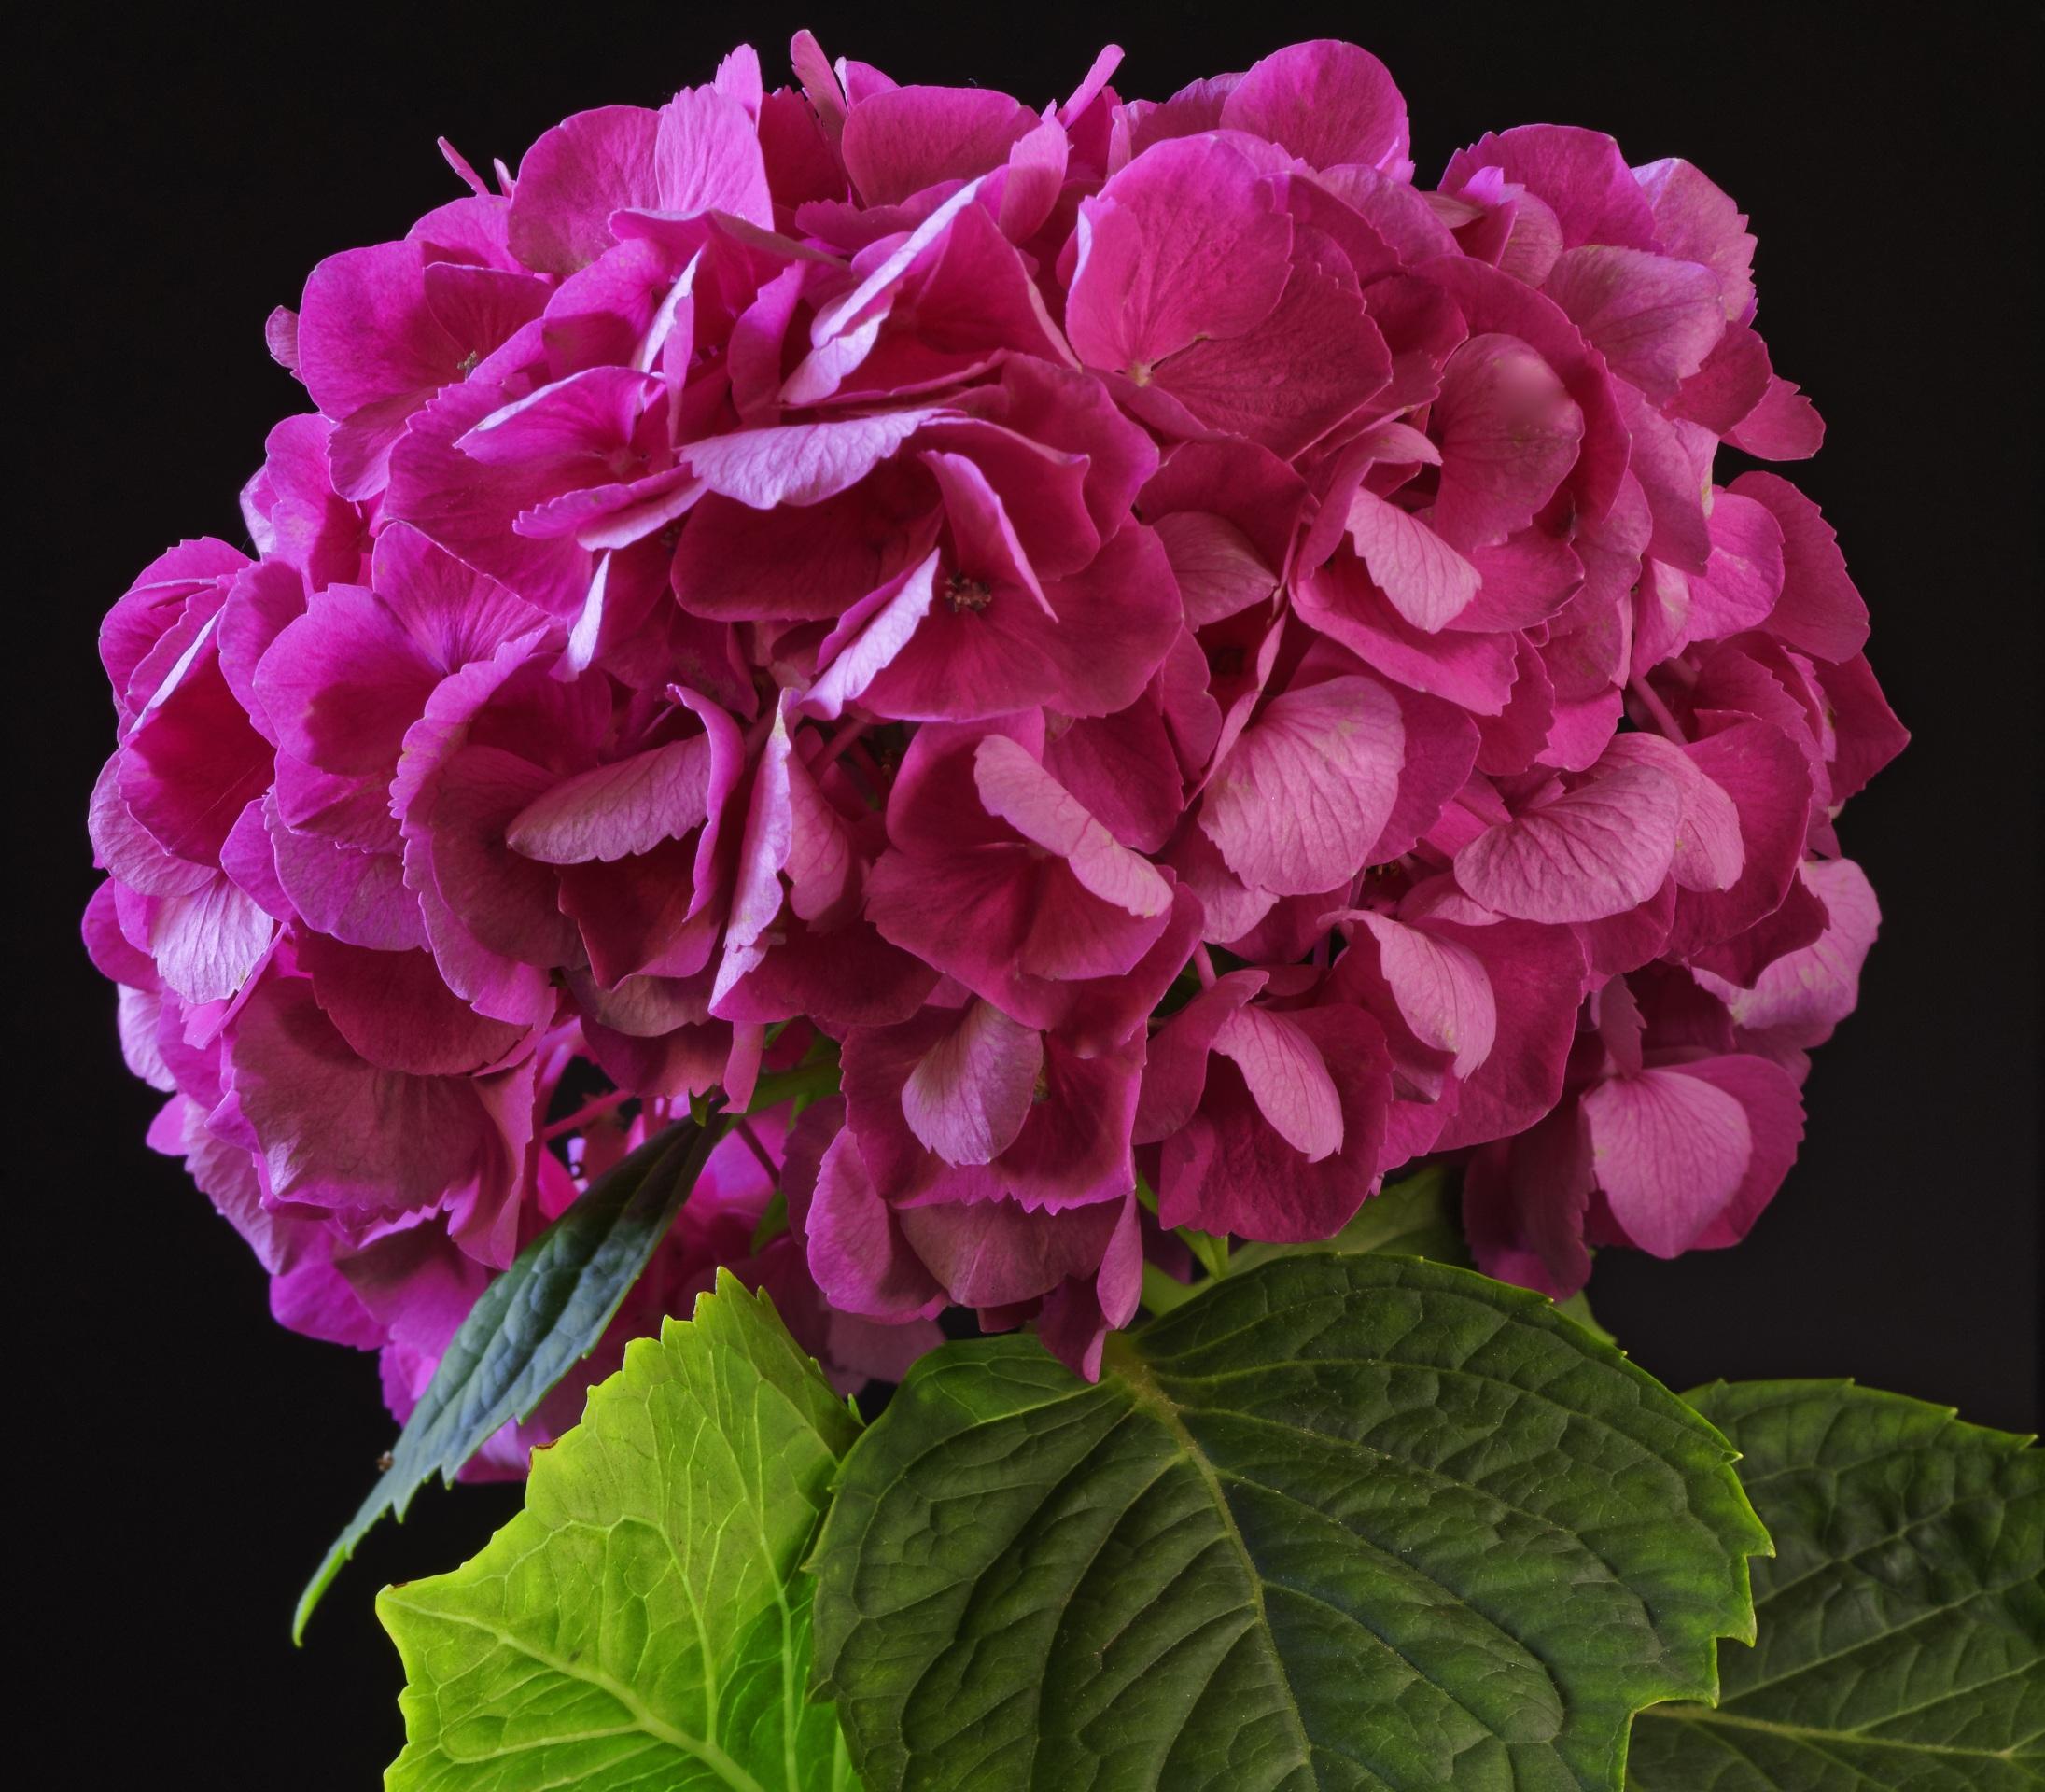 Фотографии Розовый Цветы Гортензия вблизи Черный фон 2191x1920 розовых розовые розовая цветок на черном фоне Крупным планом